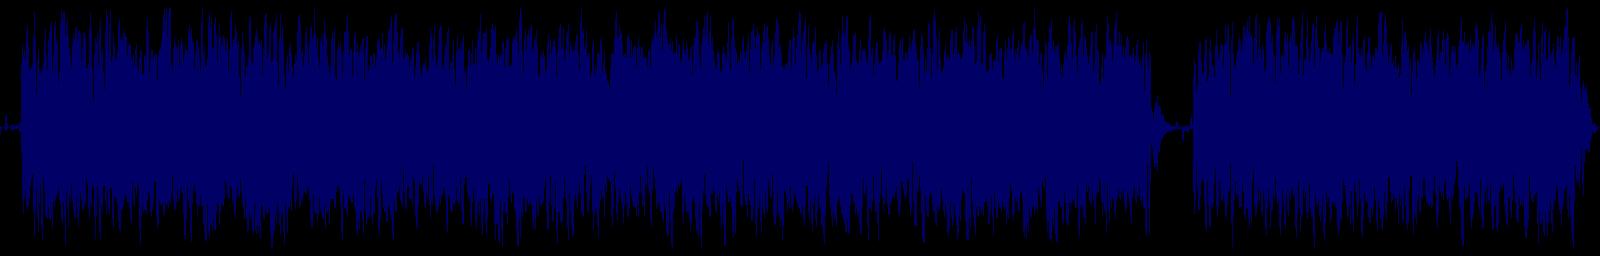 waveform of track #154717